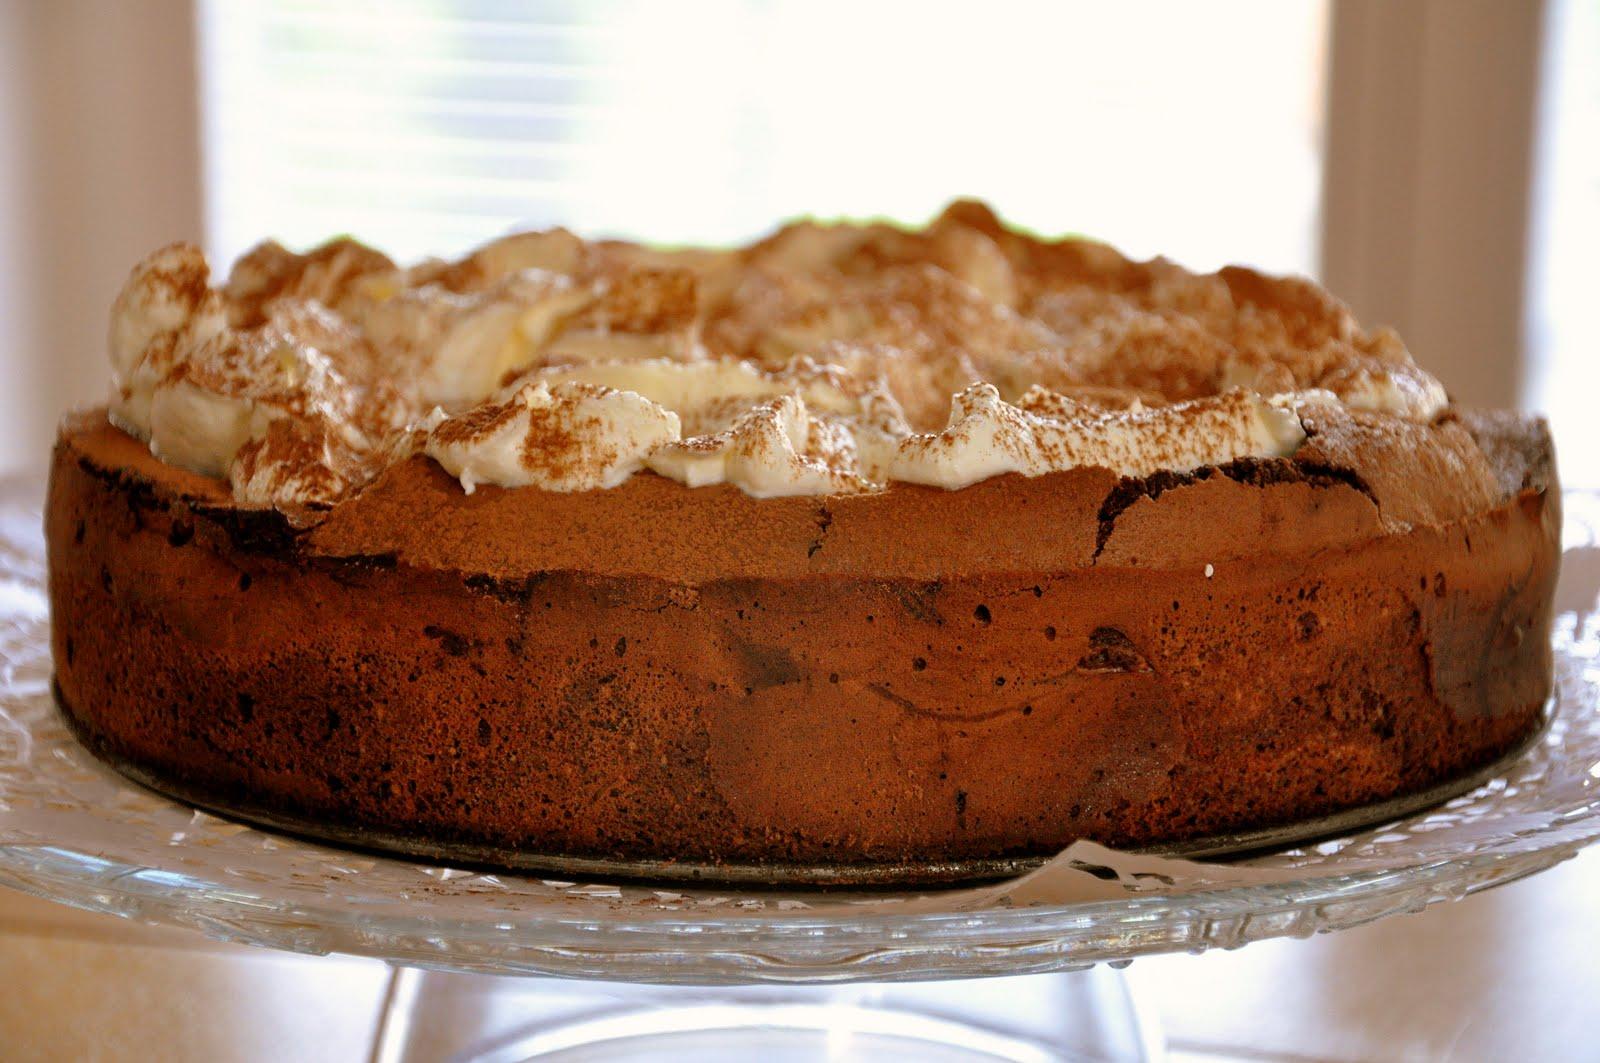 %25C4%258Dokoladna+torta+v+oblakih.jpg